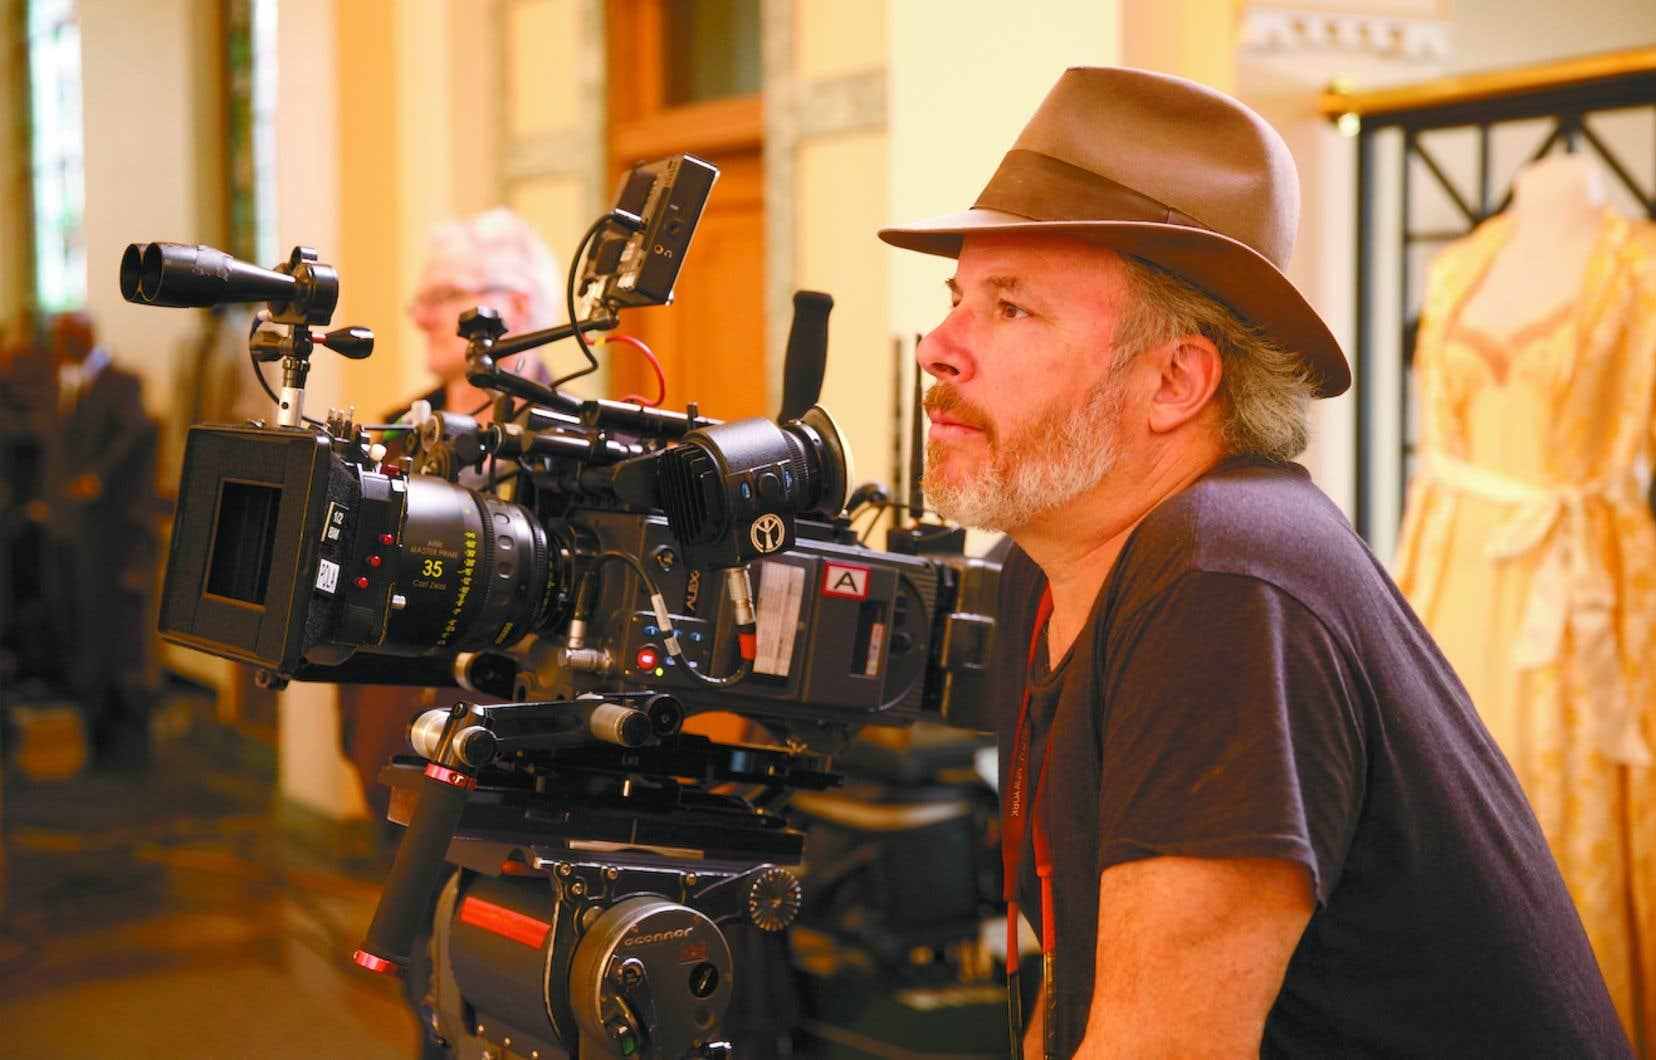 Pour Bélanger, la lumière est une composante fondamentale d'un film, elle a autant d'importance que le scénario et la mise en scène.